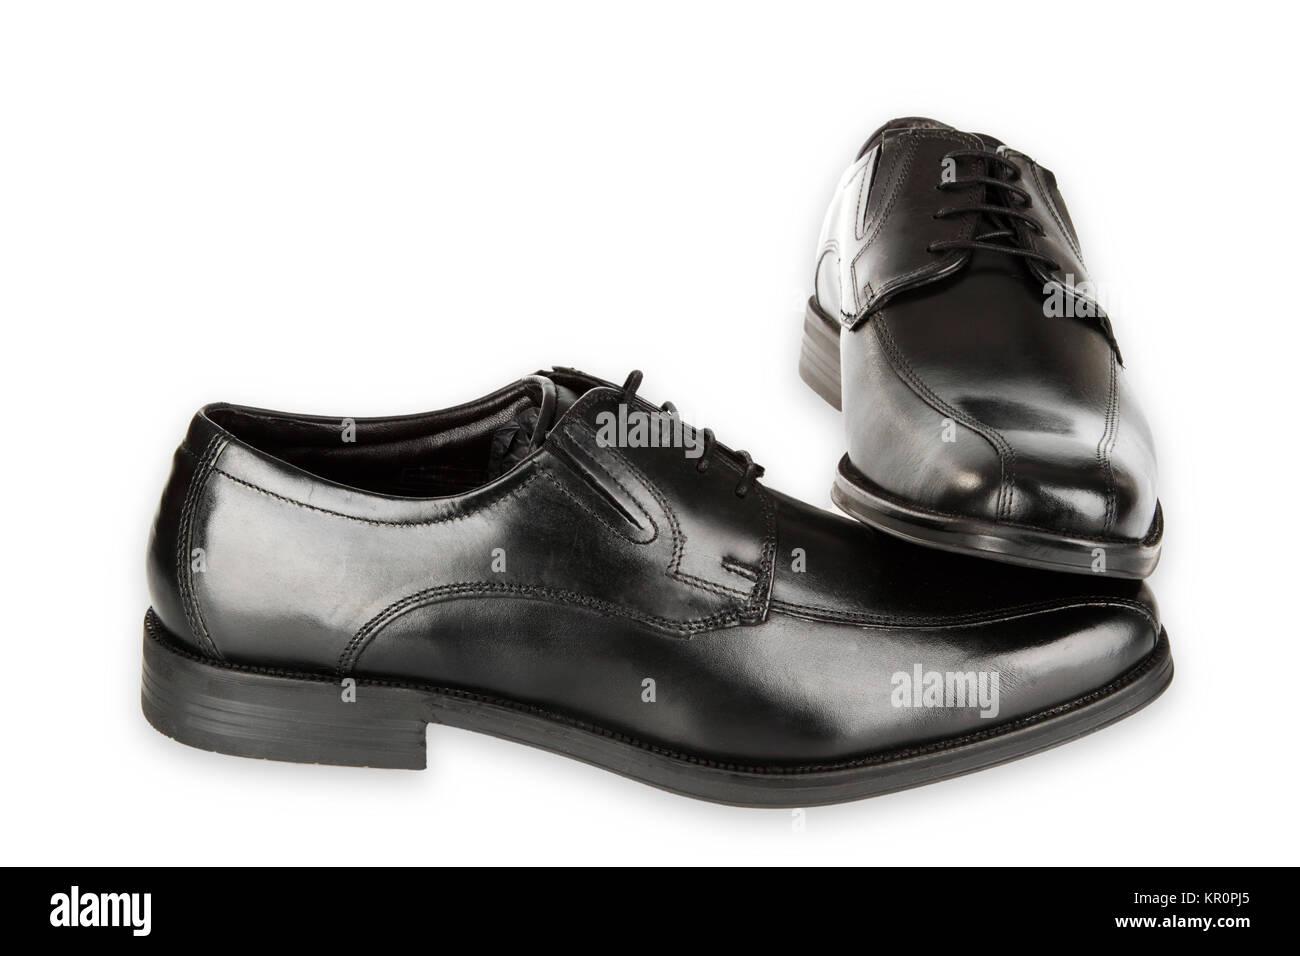 Schwarzer Herrenschuhe freigestellt auf weissem Hintergrund - Stock Image